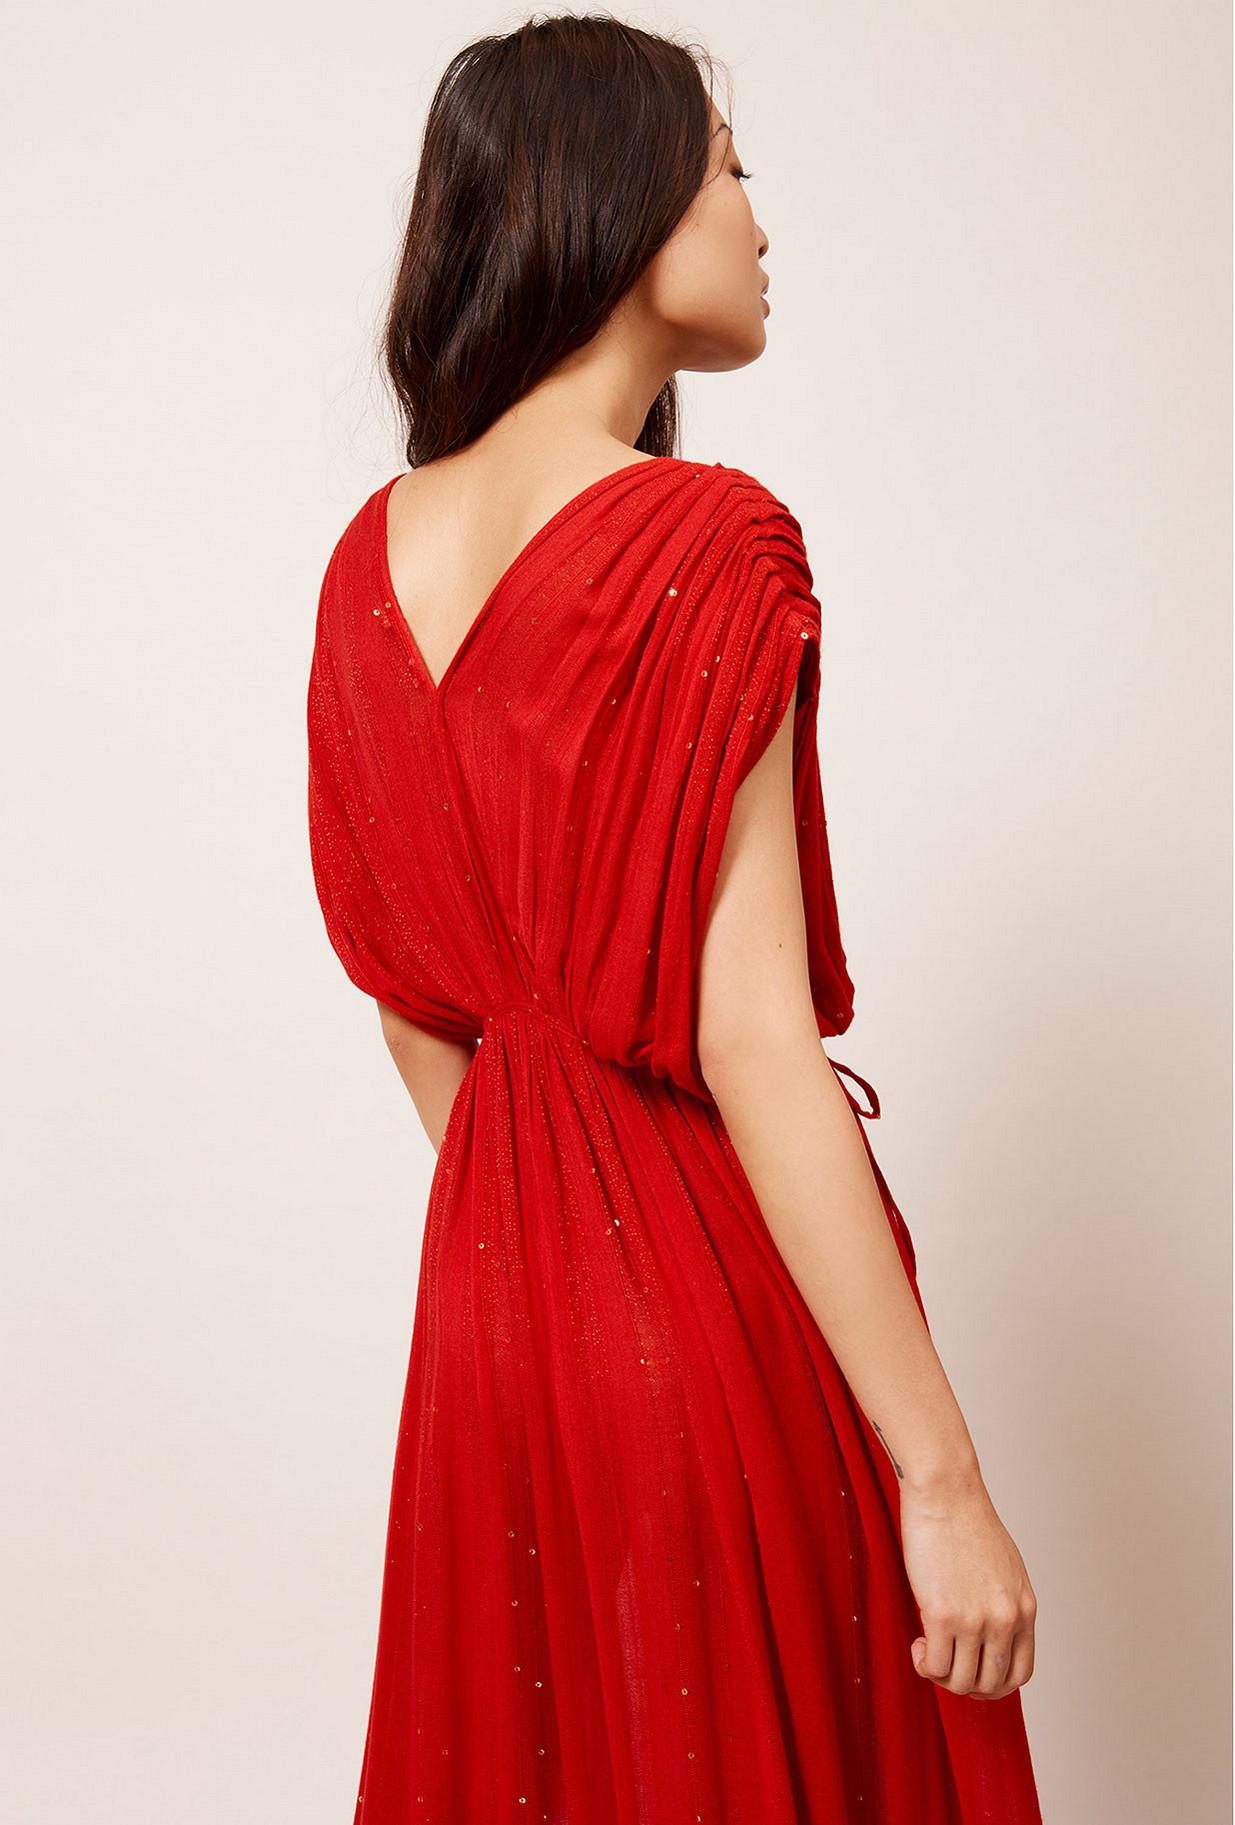 Robe Rouge  Nokomis mes demoiselles paris vêtement femme paris